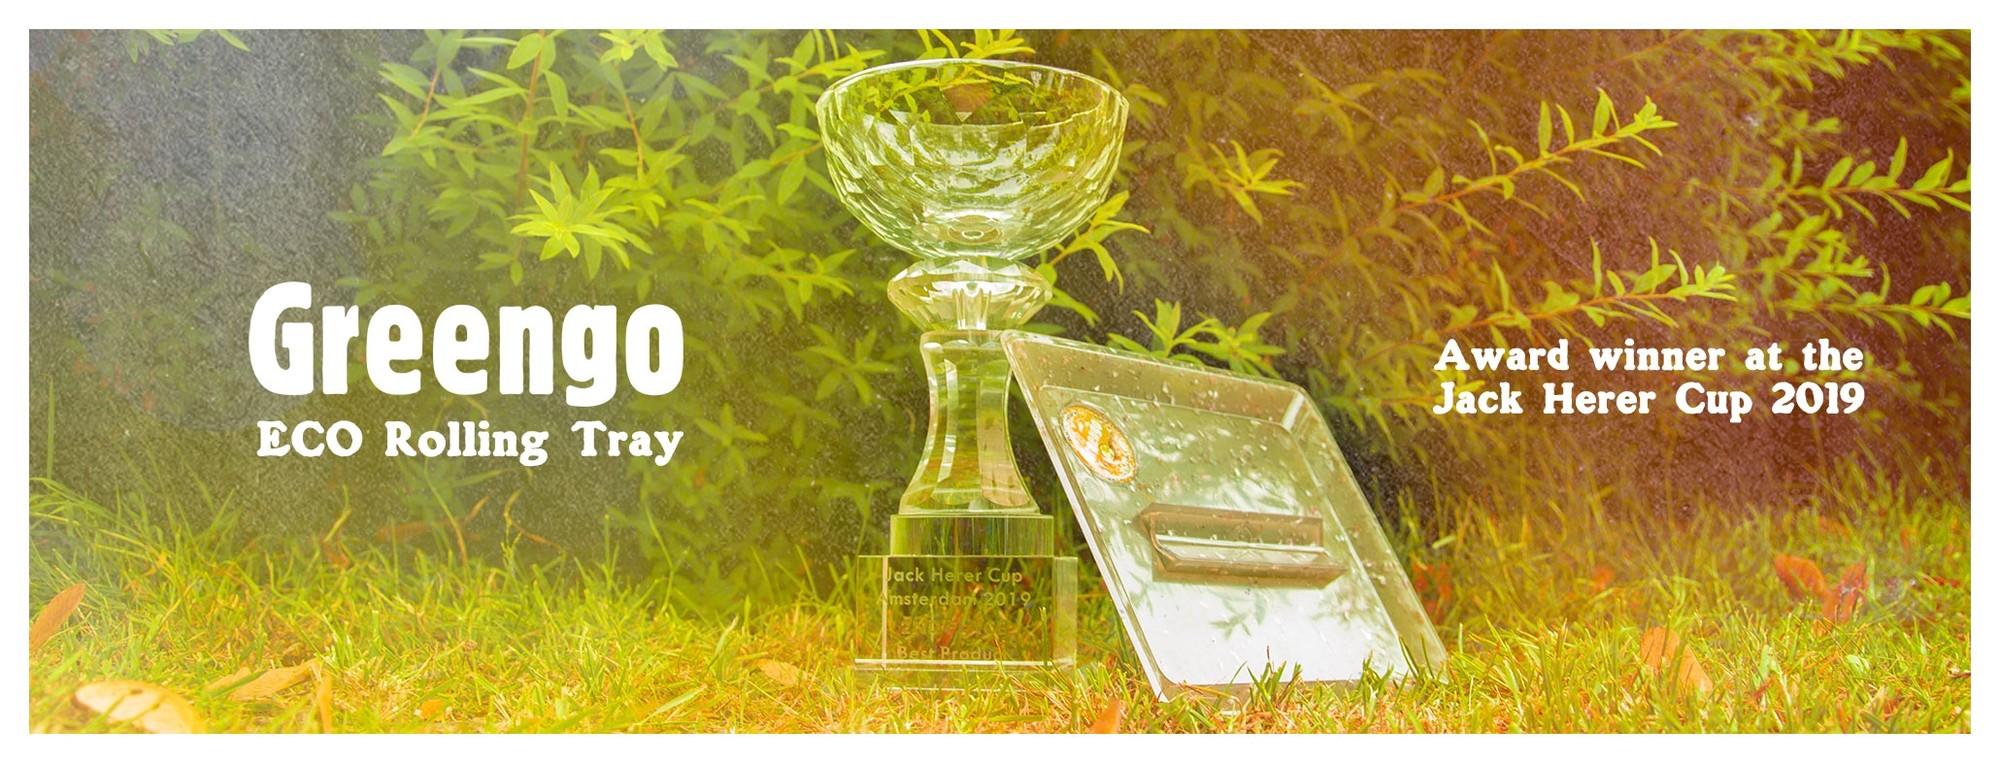 Greengo ECO Rolling Tray tweede Beste Product op Jack Herer Cup 2019